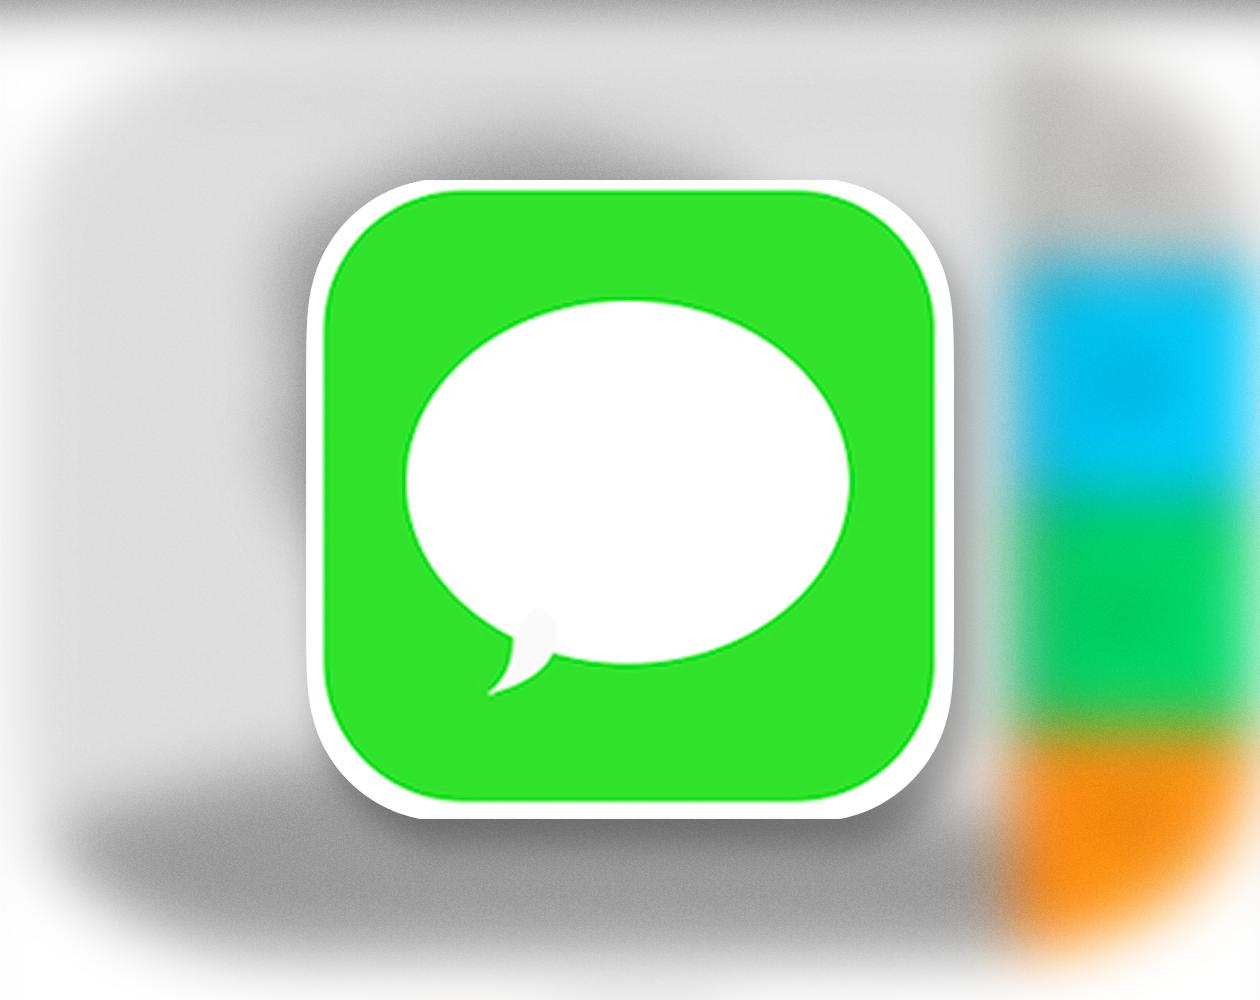 Как переслать контакт с помощью iMessage